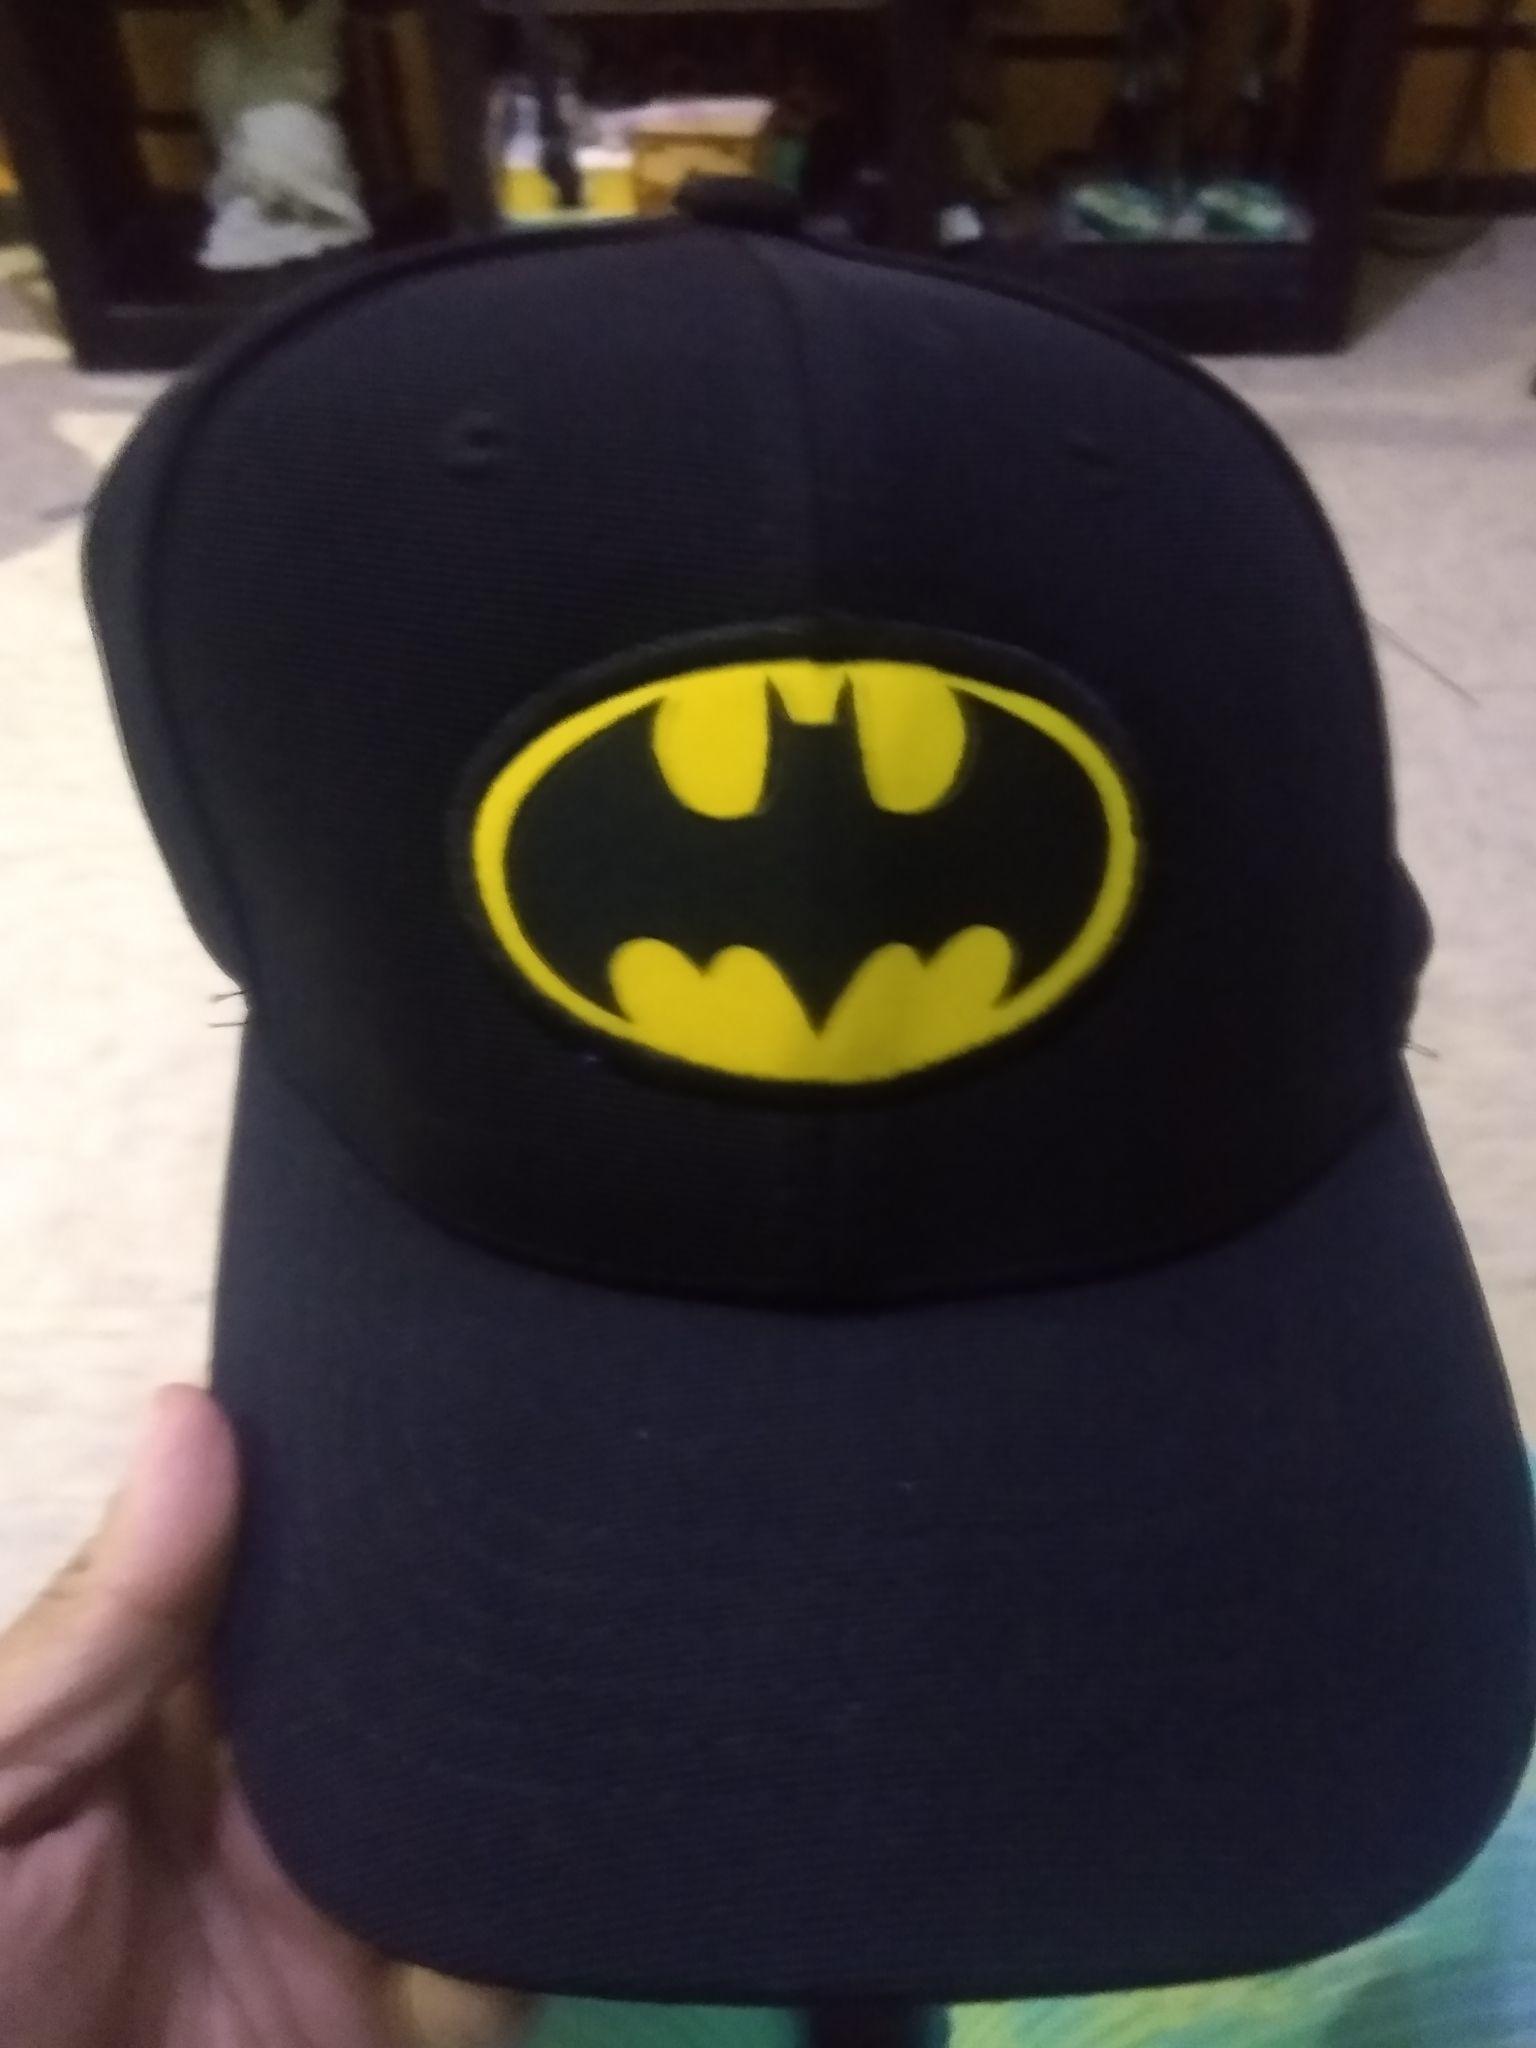 Walmart macroplaza héroes tecamac, gorra Batman,tenis y juego de friends